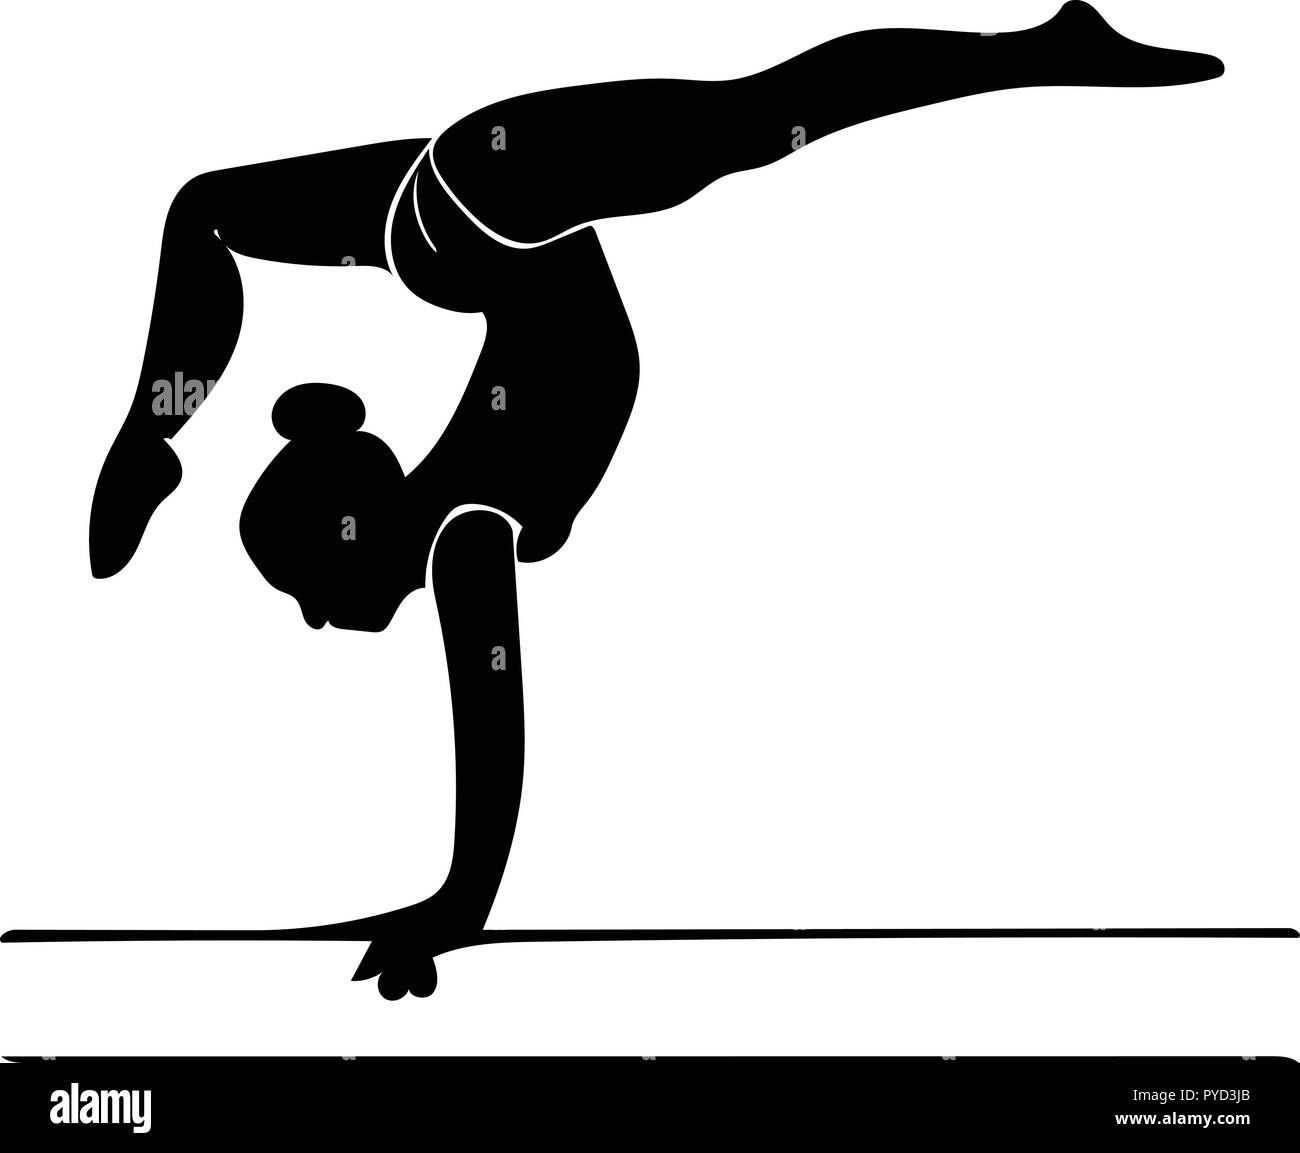 Ossature graphique vectoriel de poutre gymnaste sur l'exécution d'une passerelle arrière en profil. Photo Stock